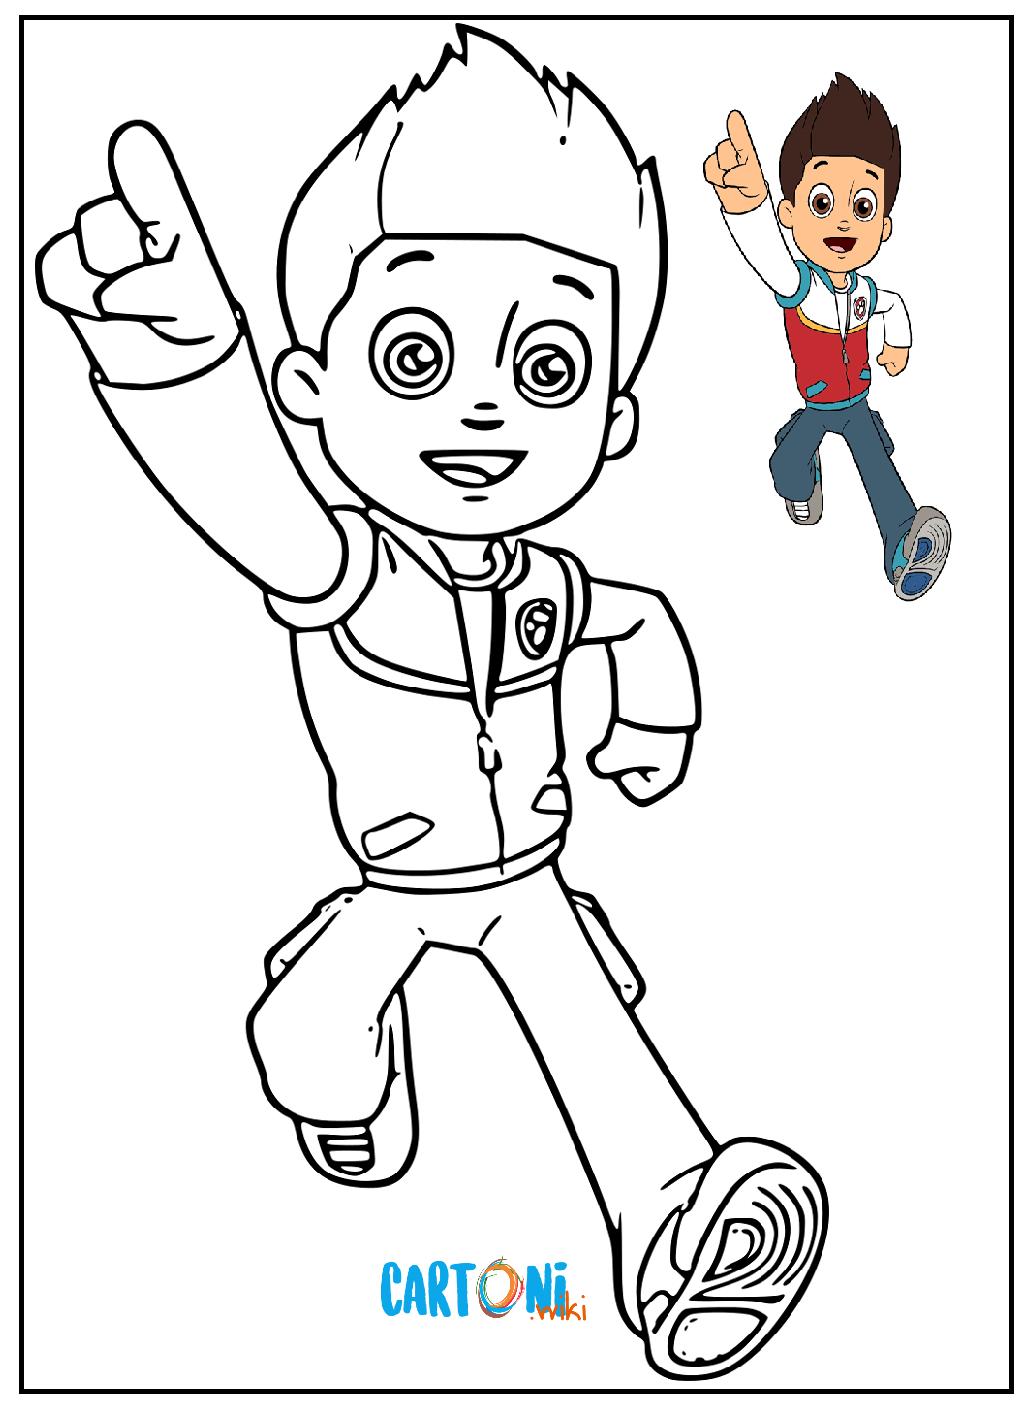 Paw patrol disegni da colorare cartoni animati for Disegni da stampare paw patrol